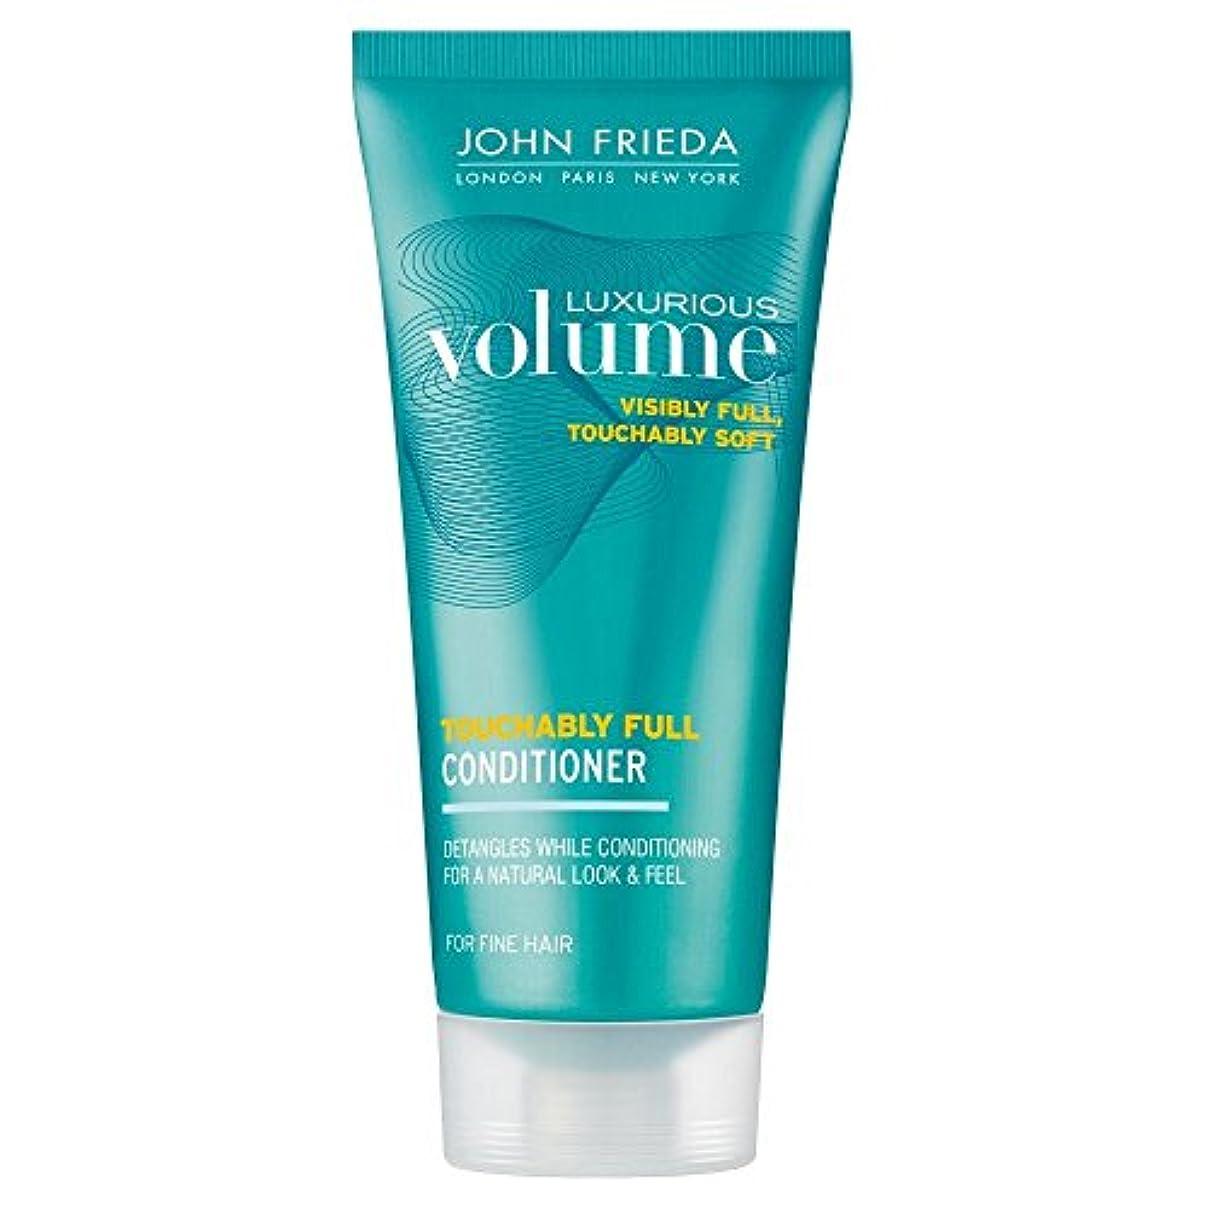 空虚オーバーランカイウスJohn Frieda Luxurious Volume Thickening Conditioner (50ml) ジョン?フリーダ豪華なボリューム増粘コンディショナー( 50ミリリットル) [並行輸入品]